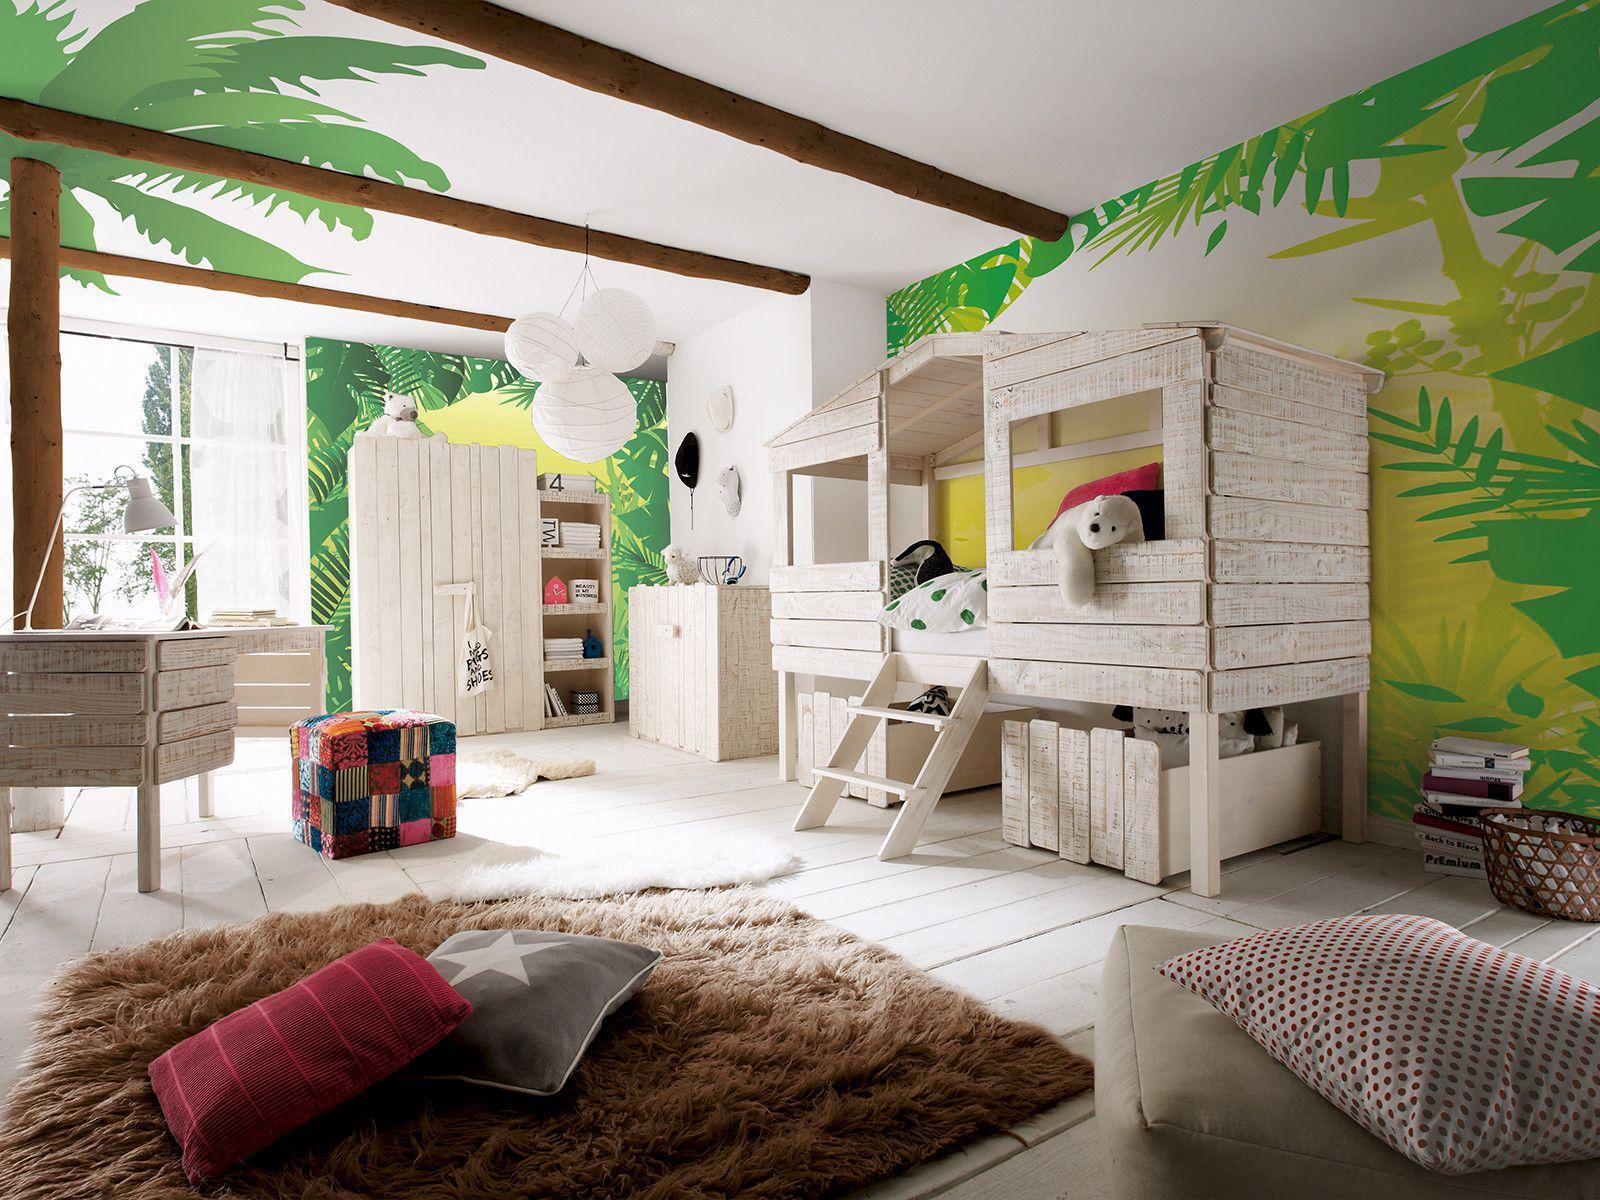 Планировка детской комнаты в тропическом стиле